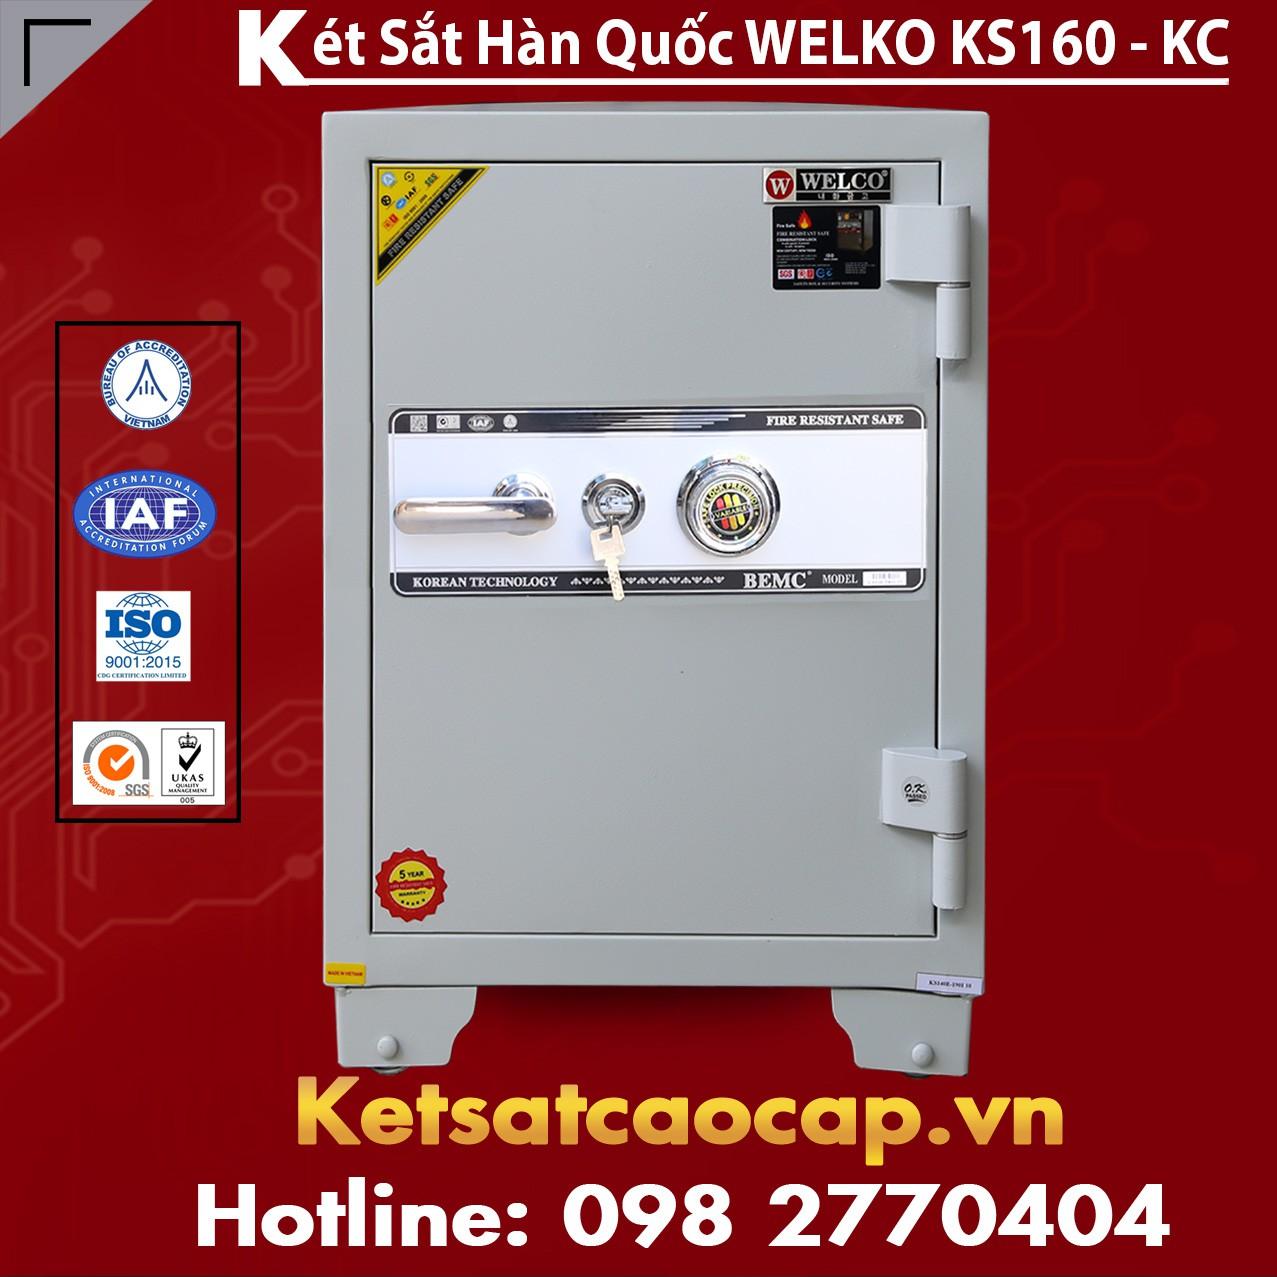 Két Sắt Văn Phòng Welko KS160 - KC White